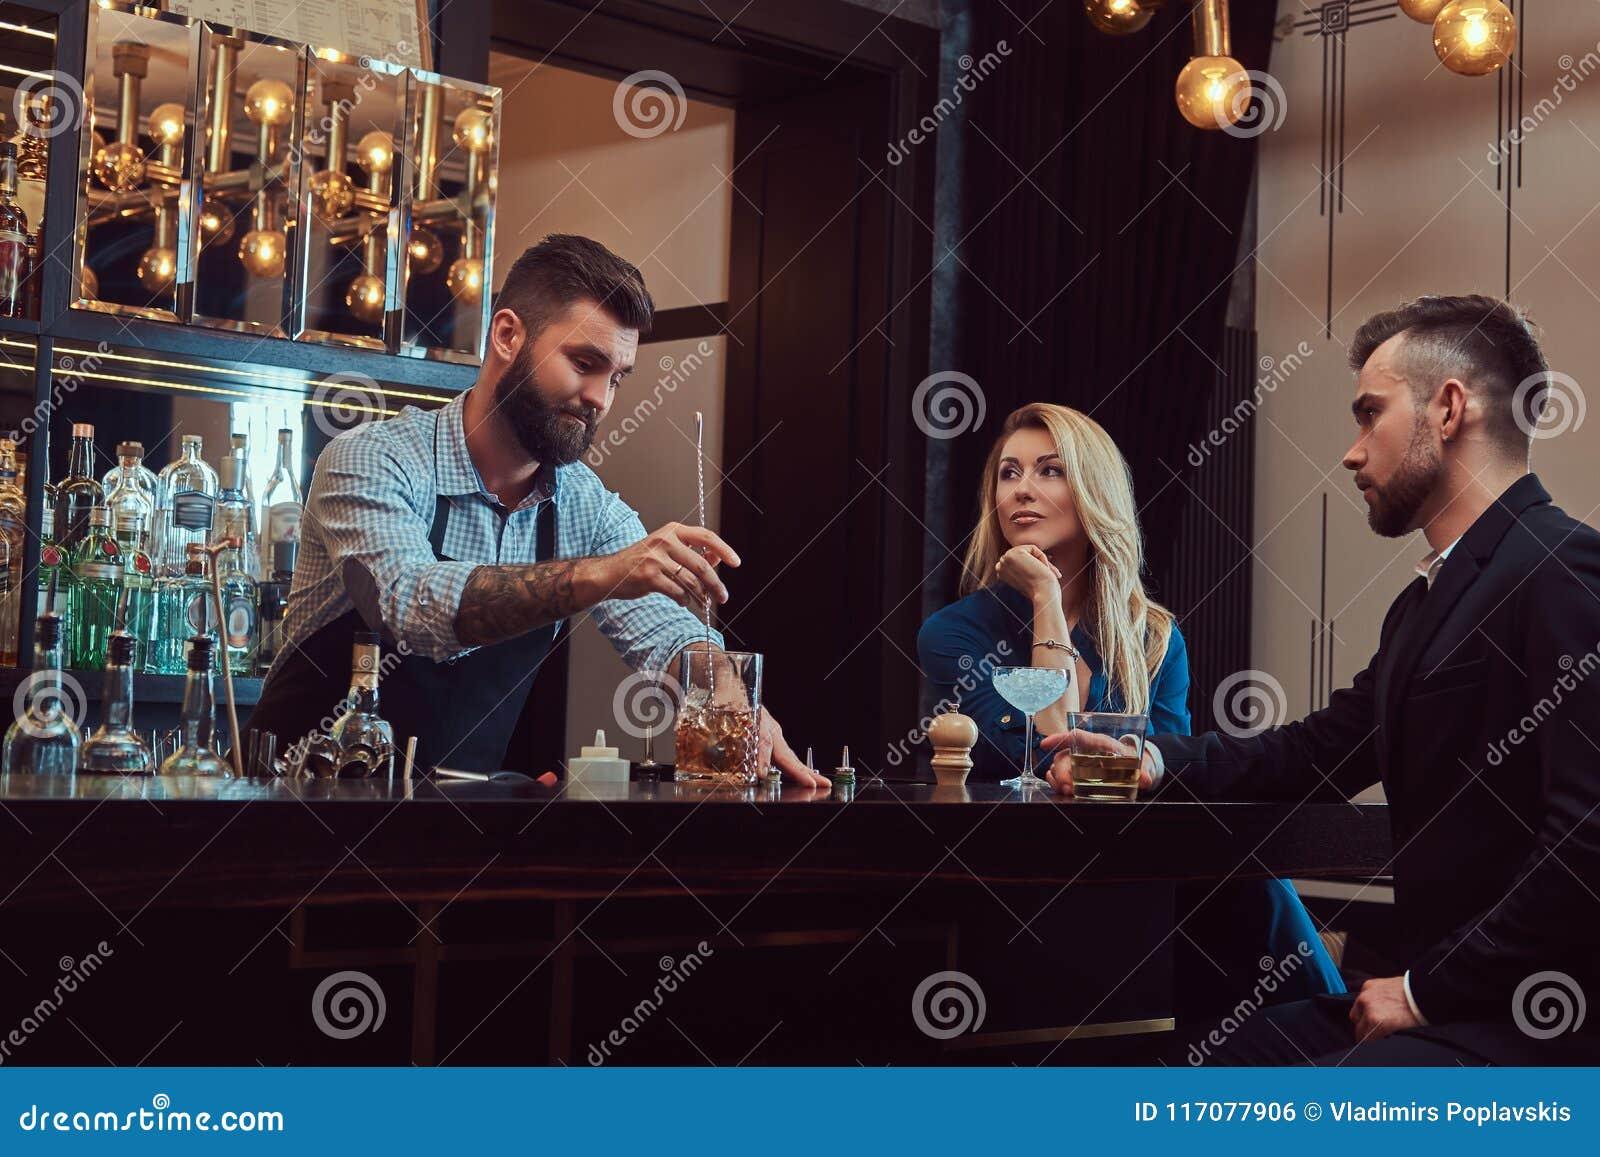 dating bartendere lærere som dater andre lærere